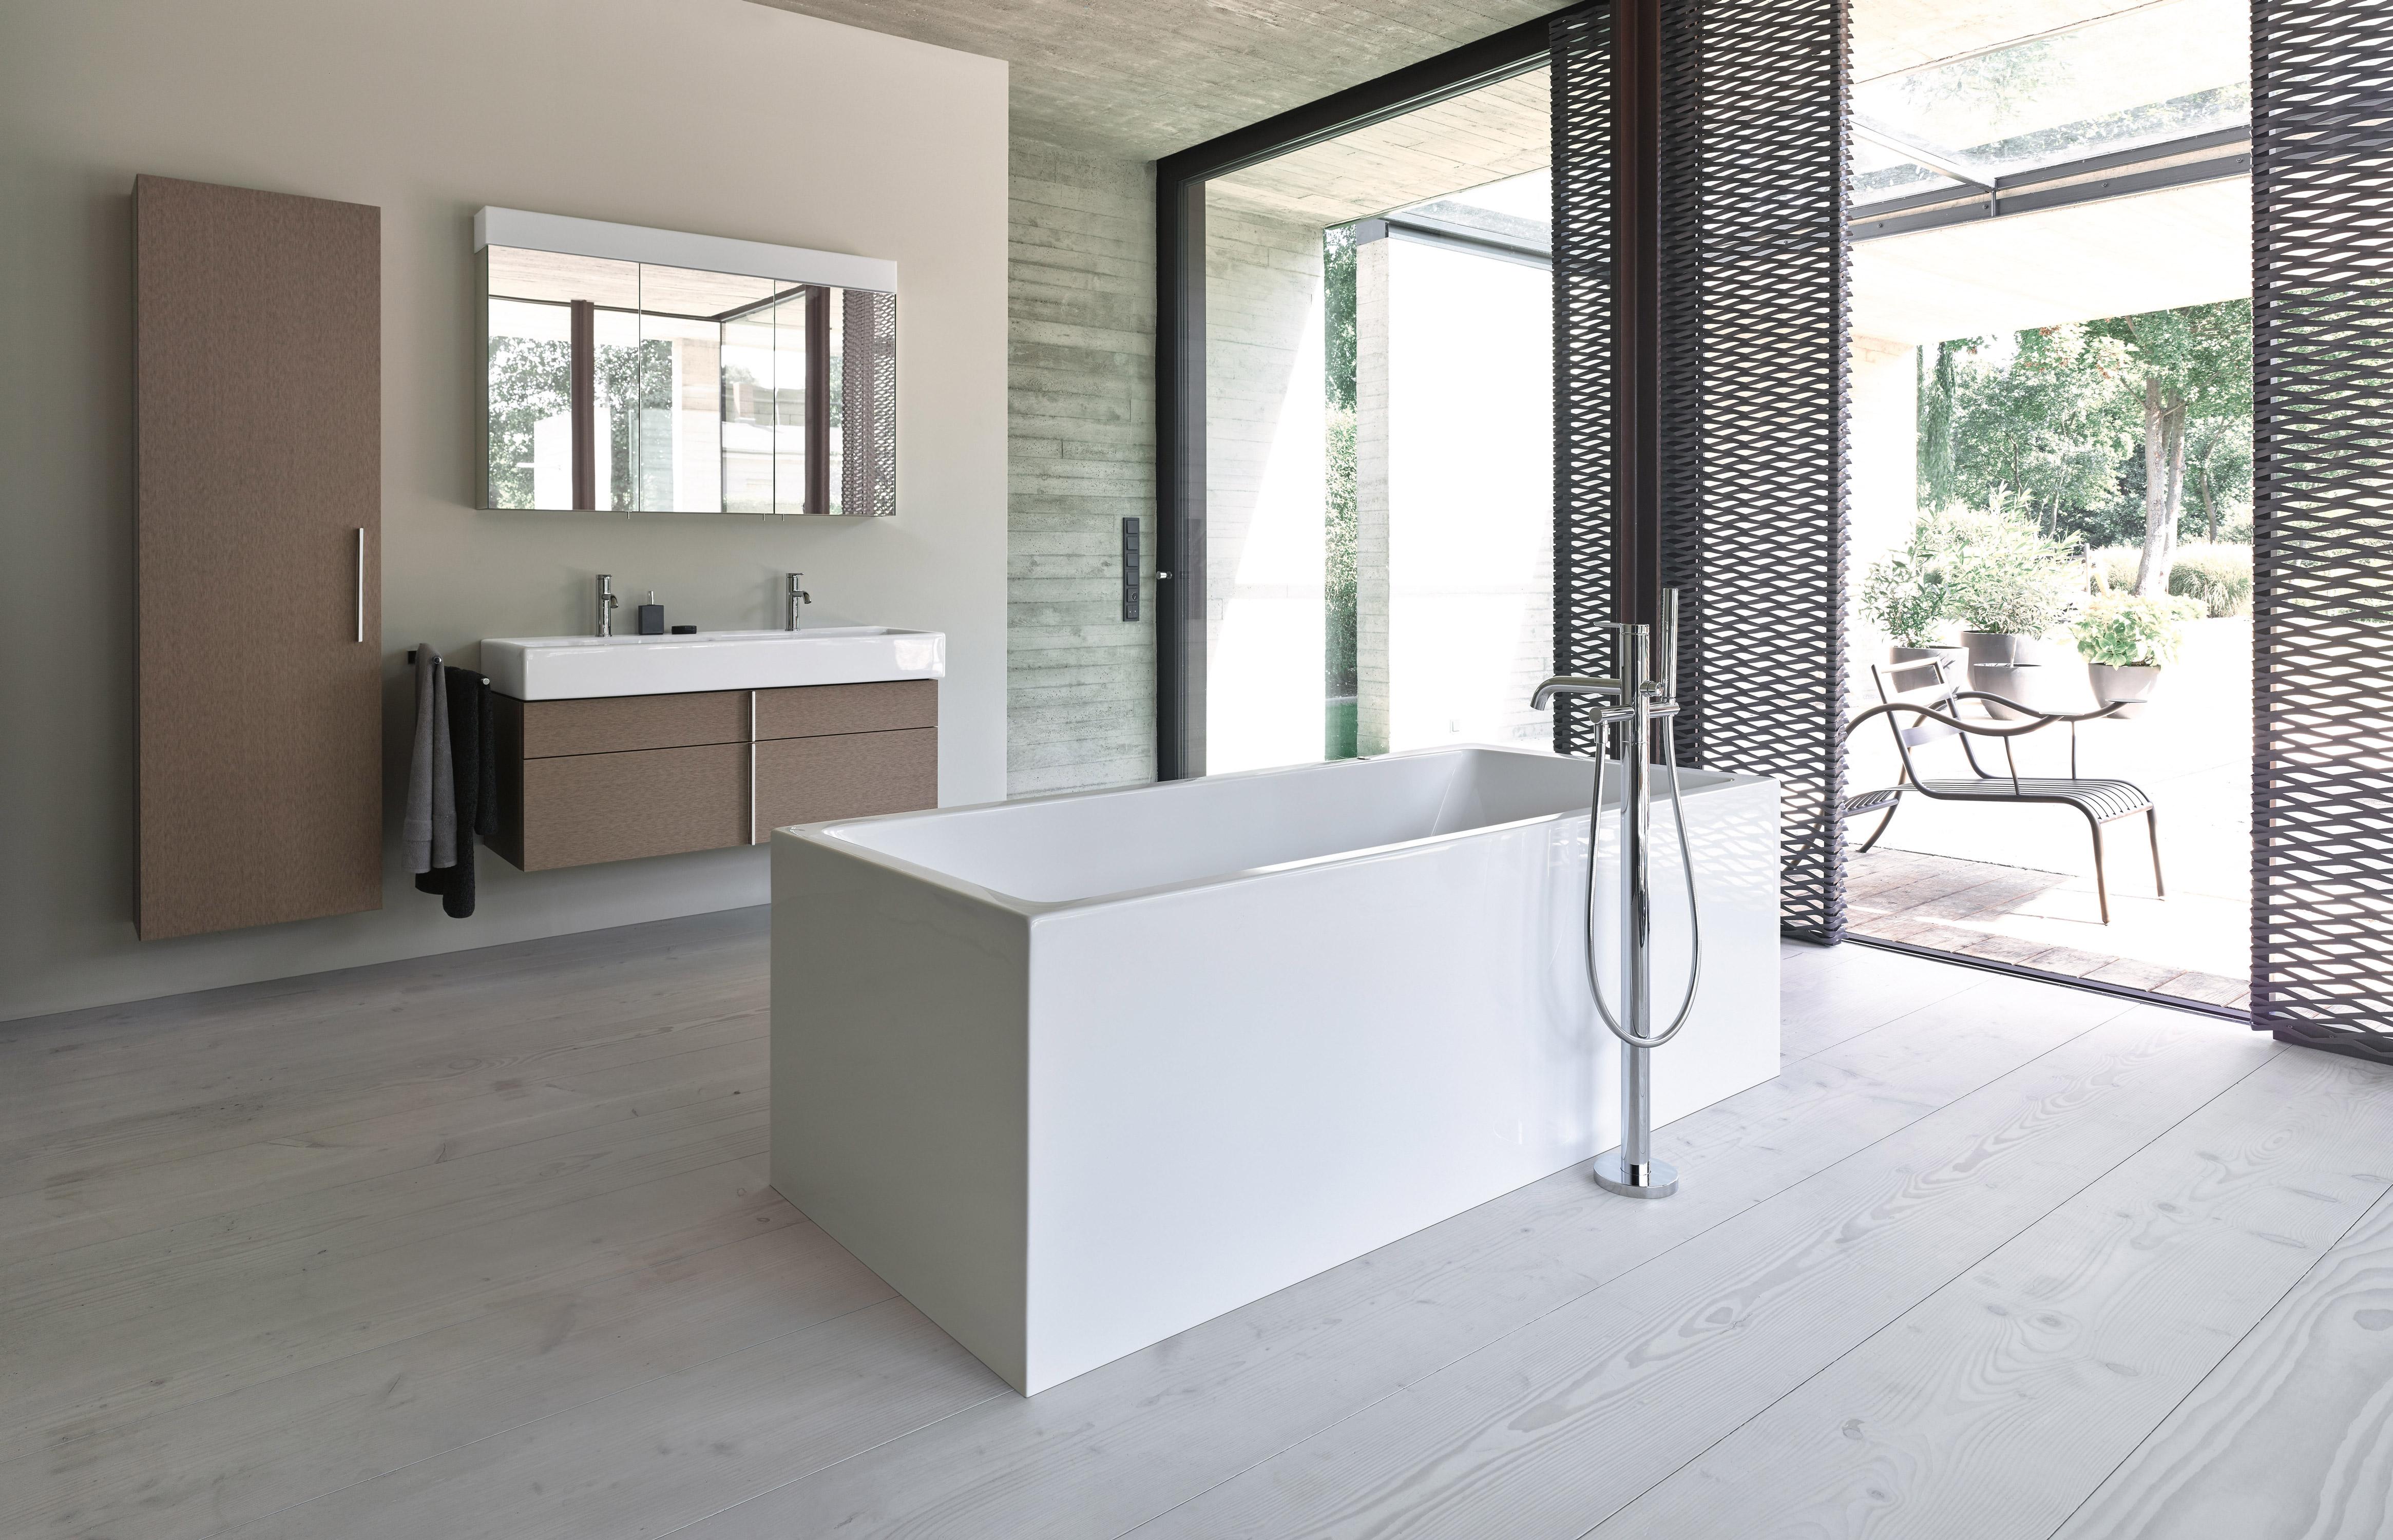 waschplatz entdecken sie highlights und design serien. Black Bedroom Furniture Sets. Home Design Ideas